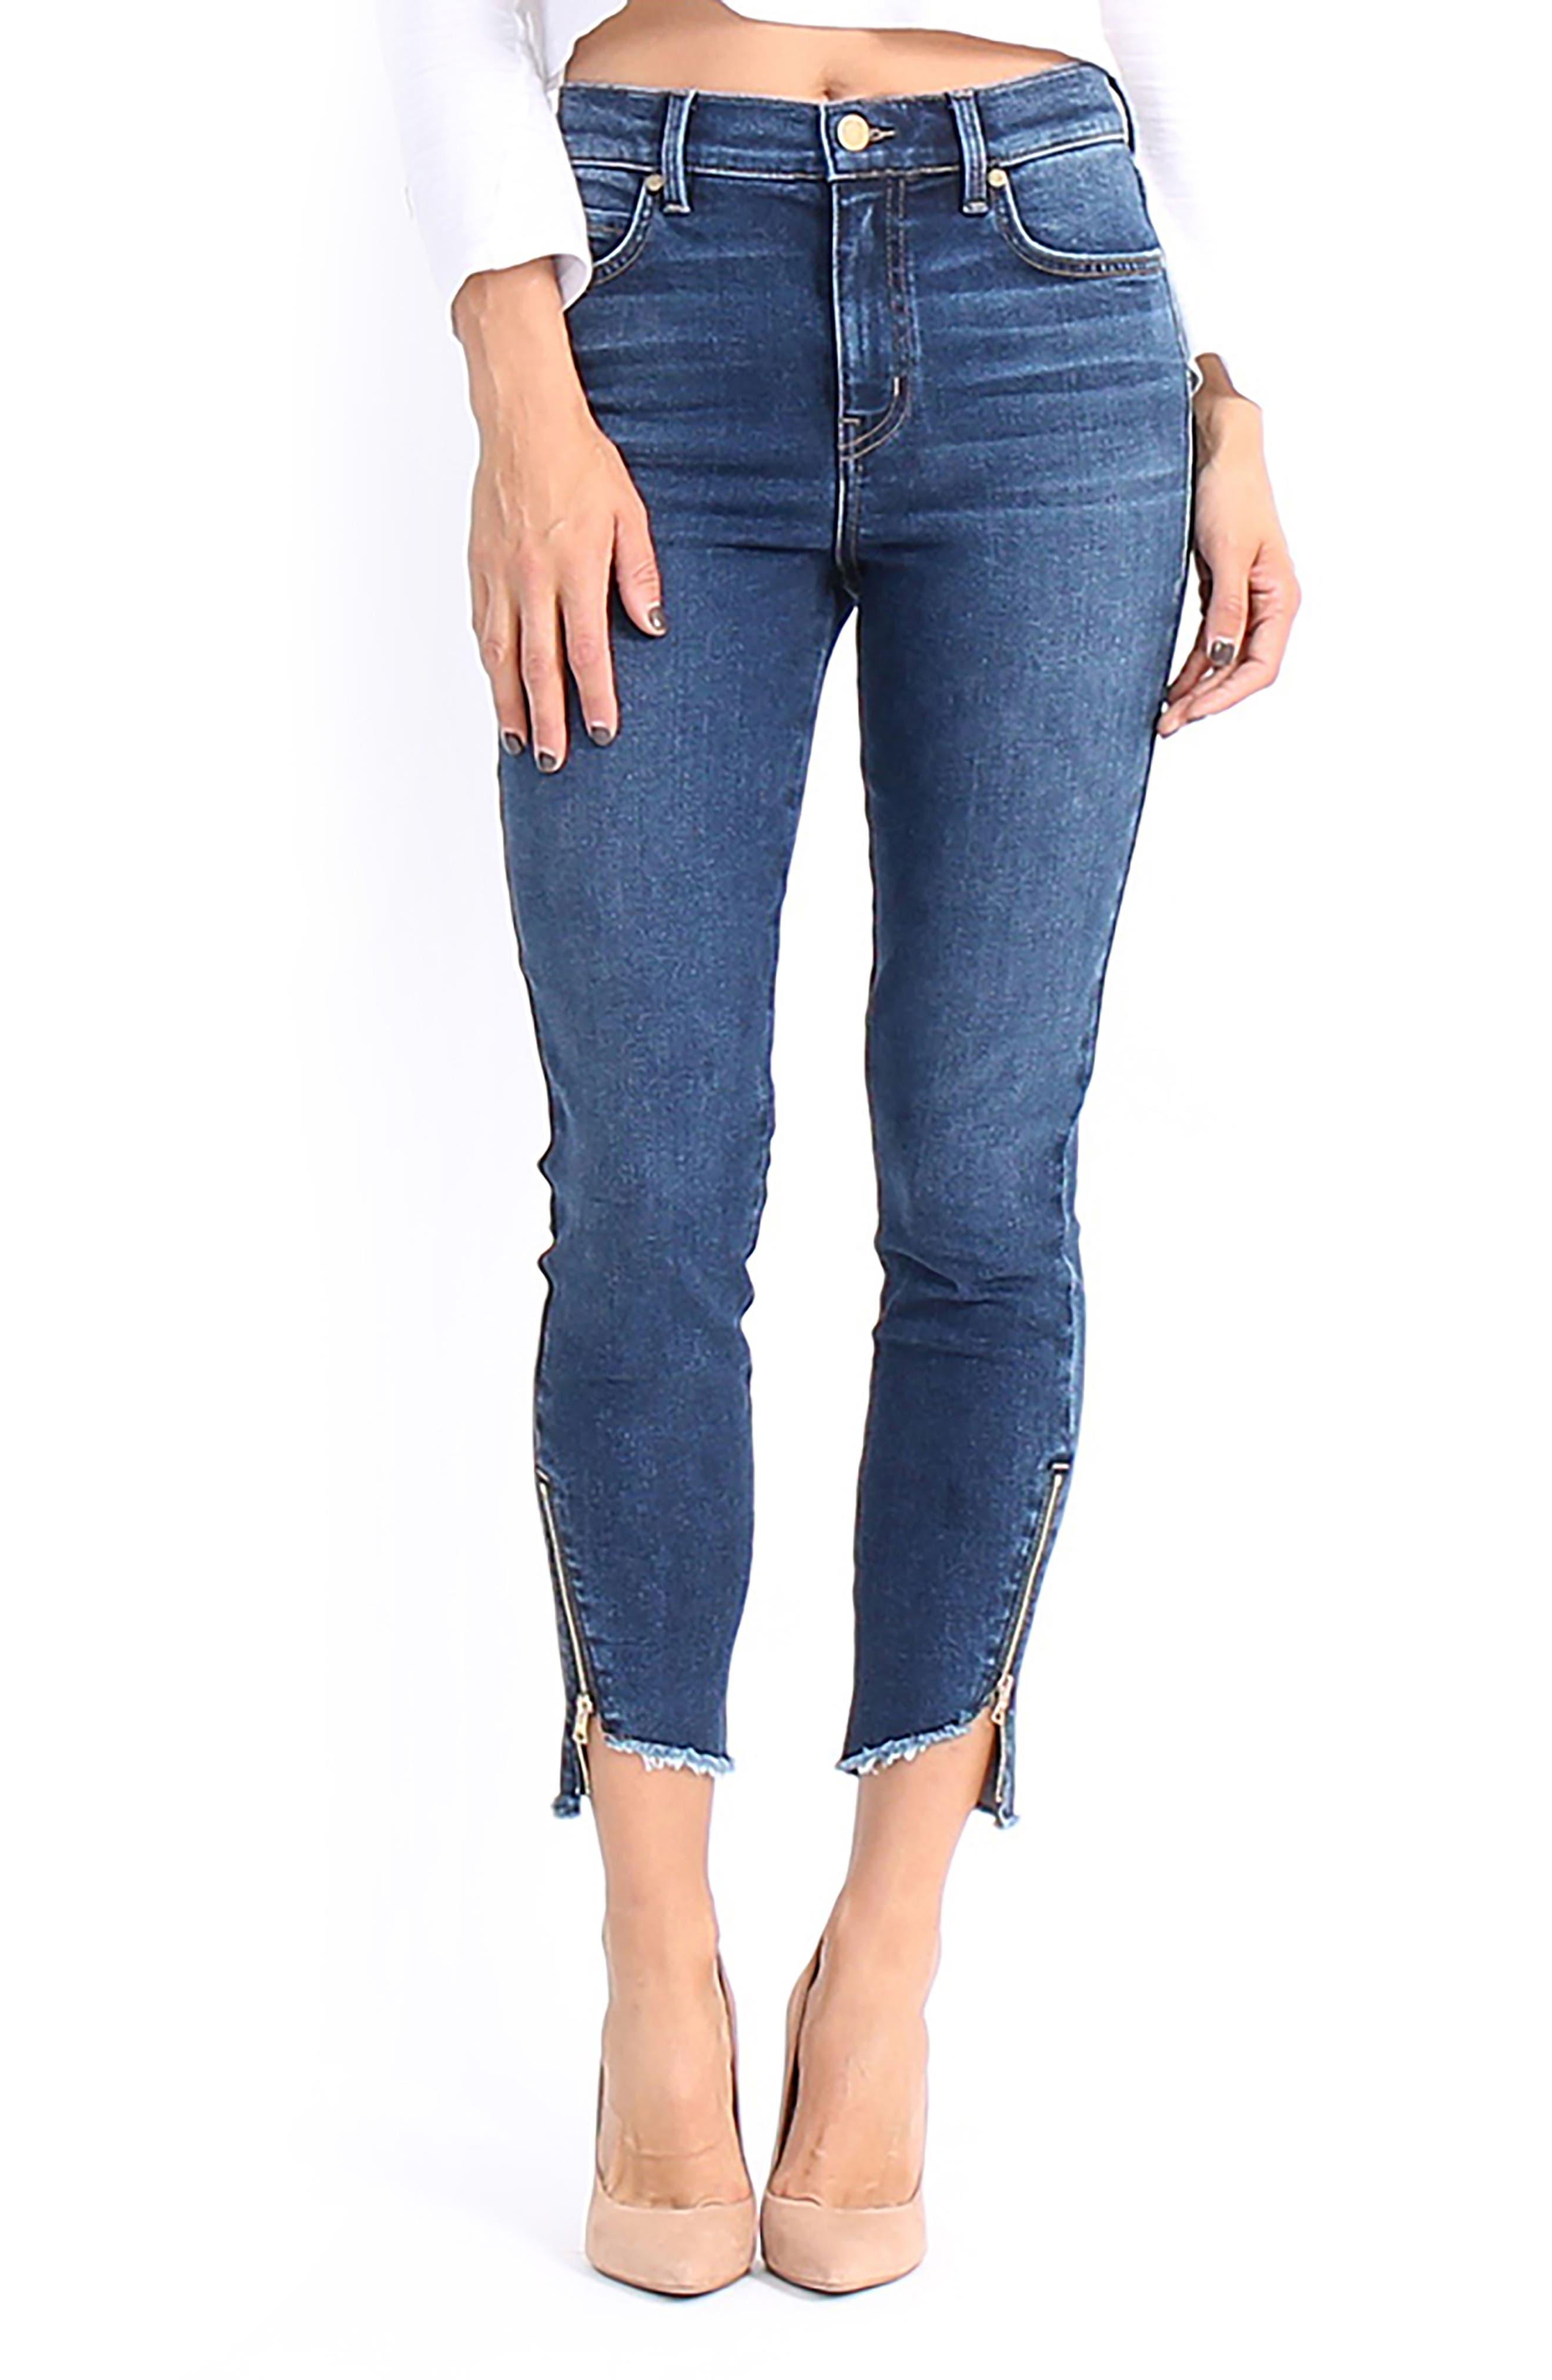 Ellie Uneven Zip Slant Hem Jeans,                             Main thumbnail 1, color,                             Savvy